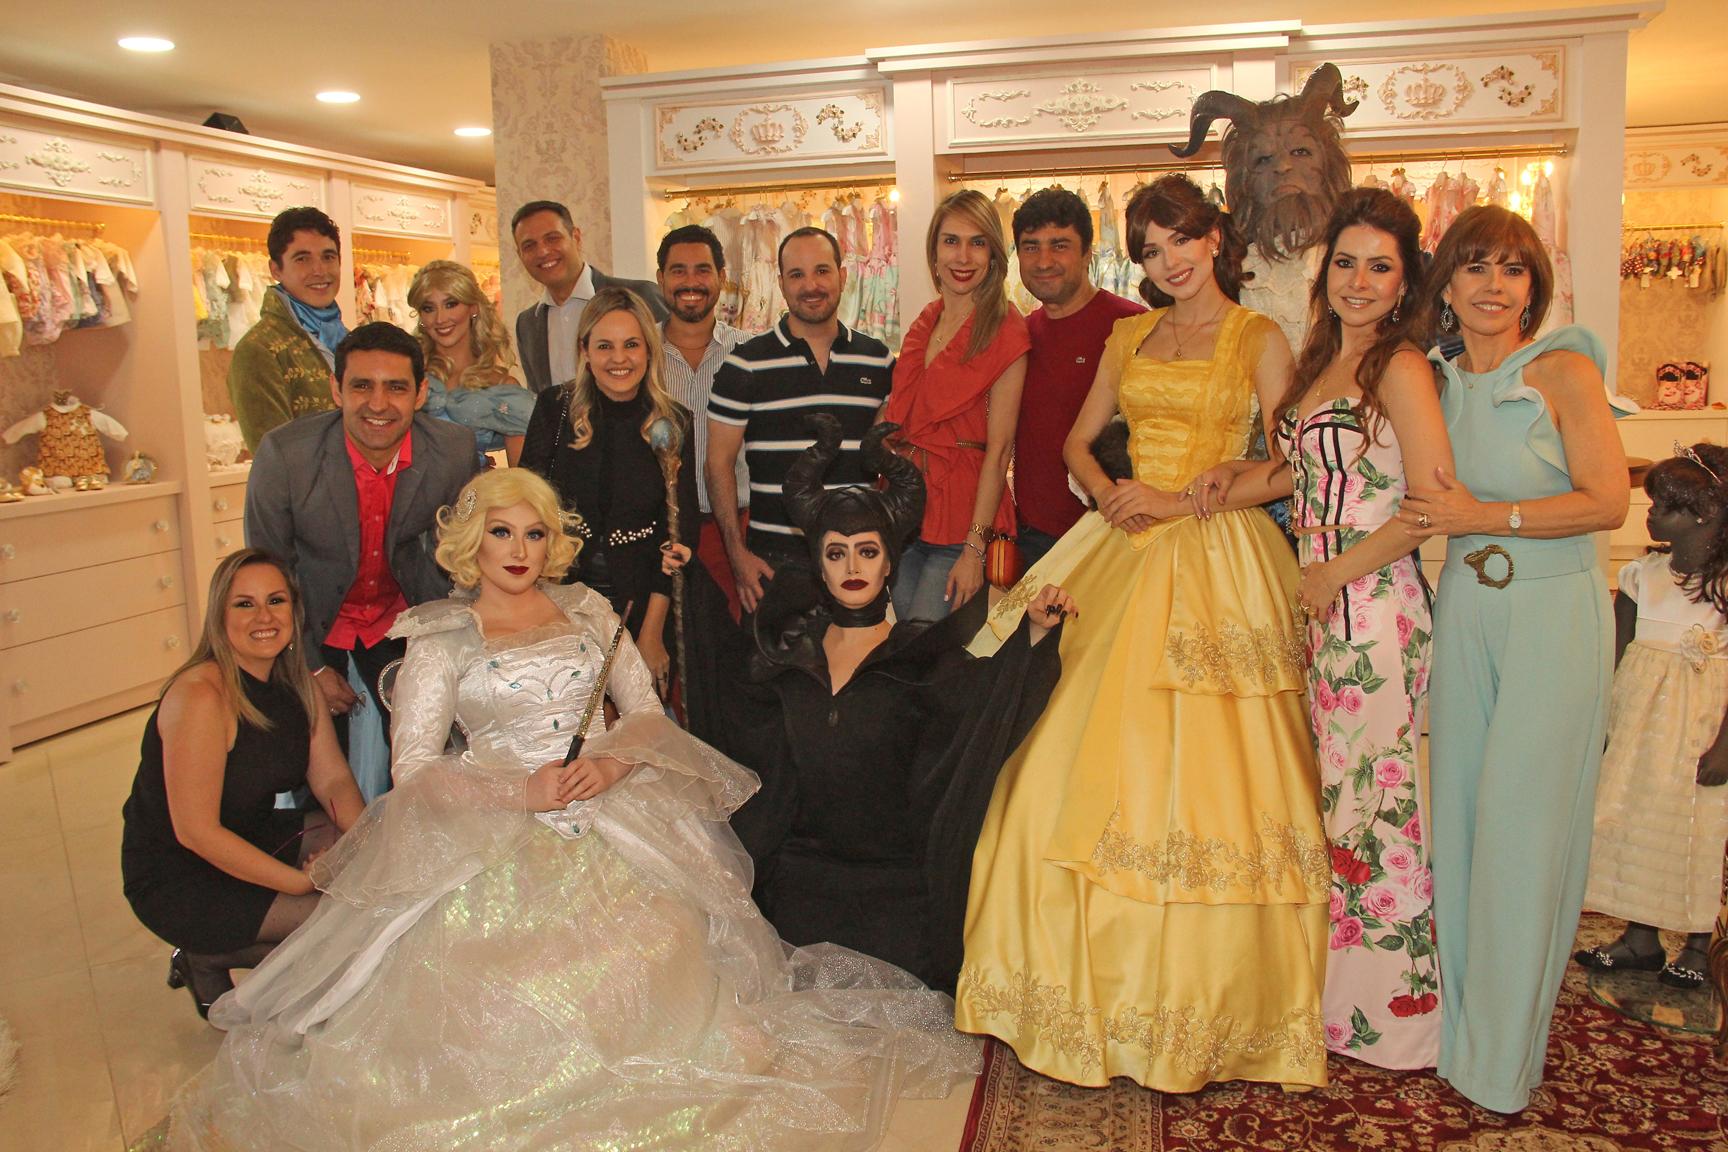 Os convidados do evento de inauguração da nova sede da loja Amoreco com os personagens vivos da Disney.